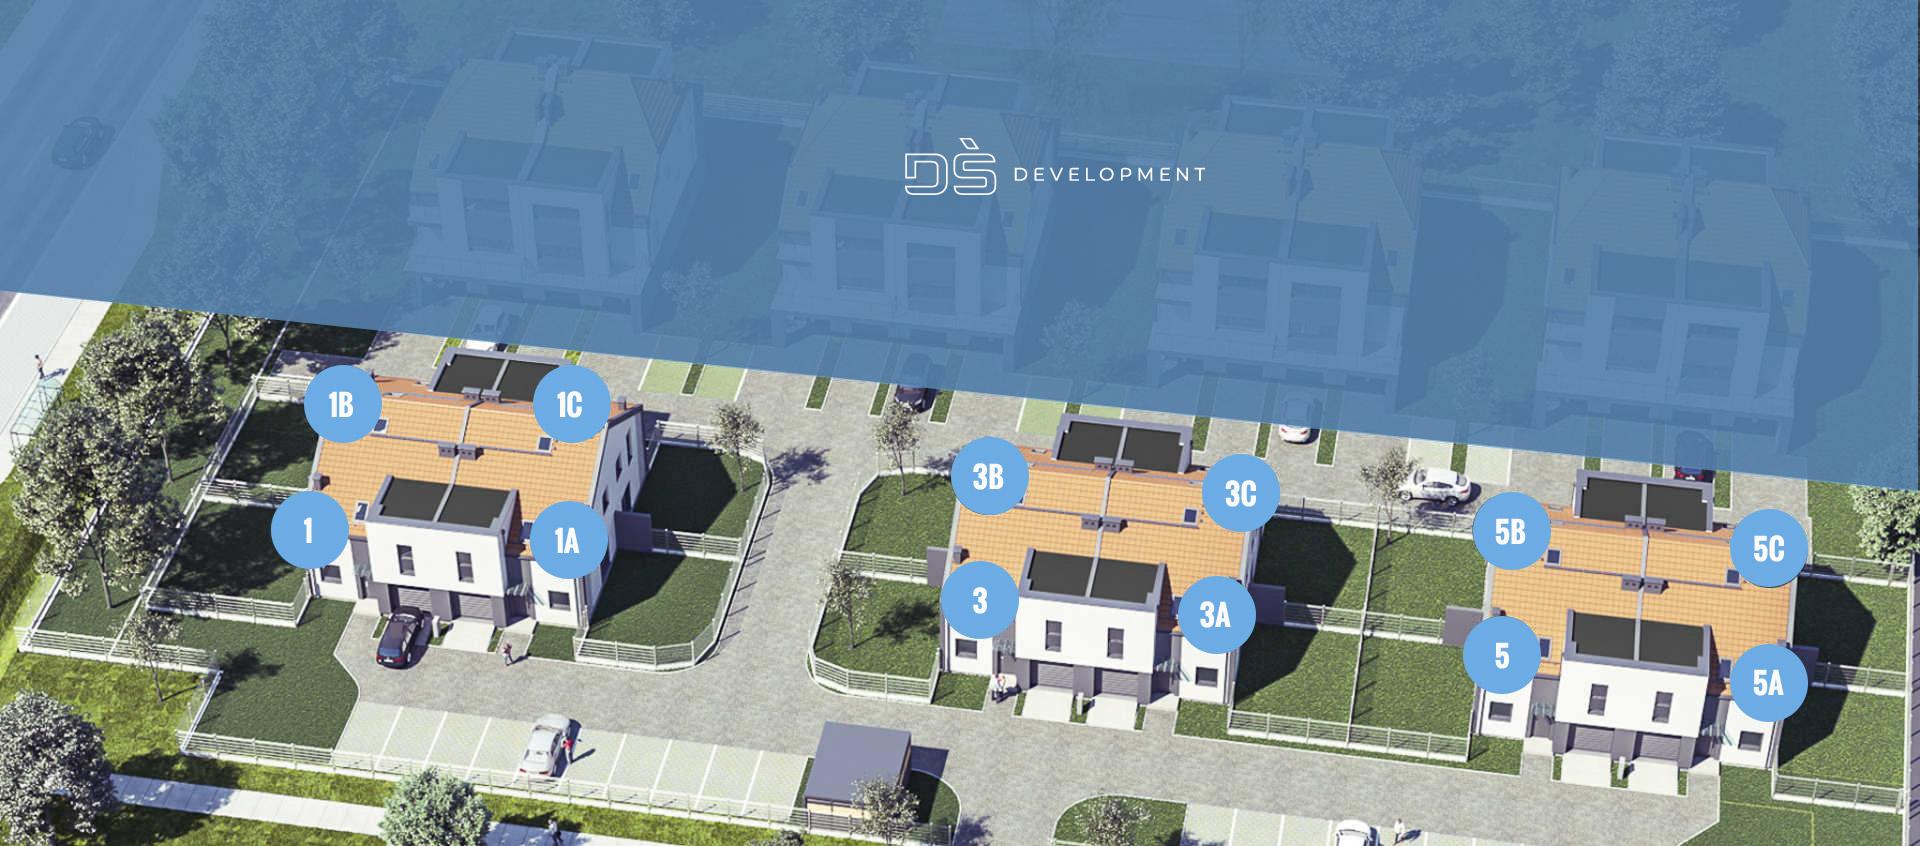 apartamenty bielany dś development